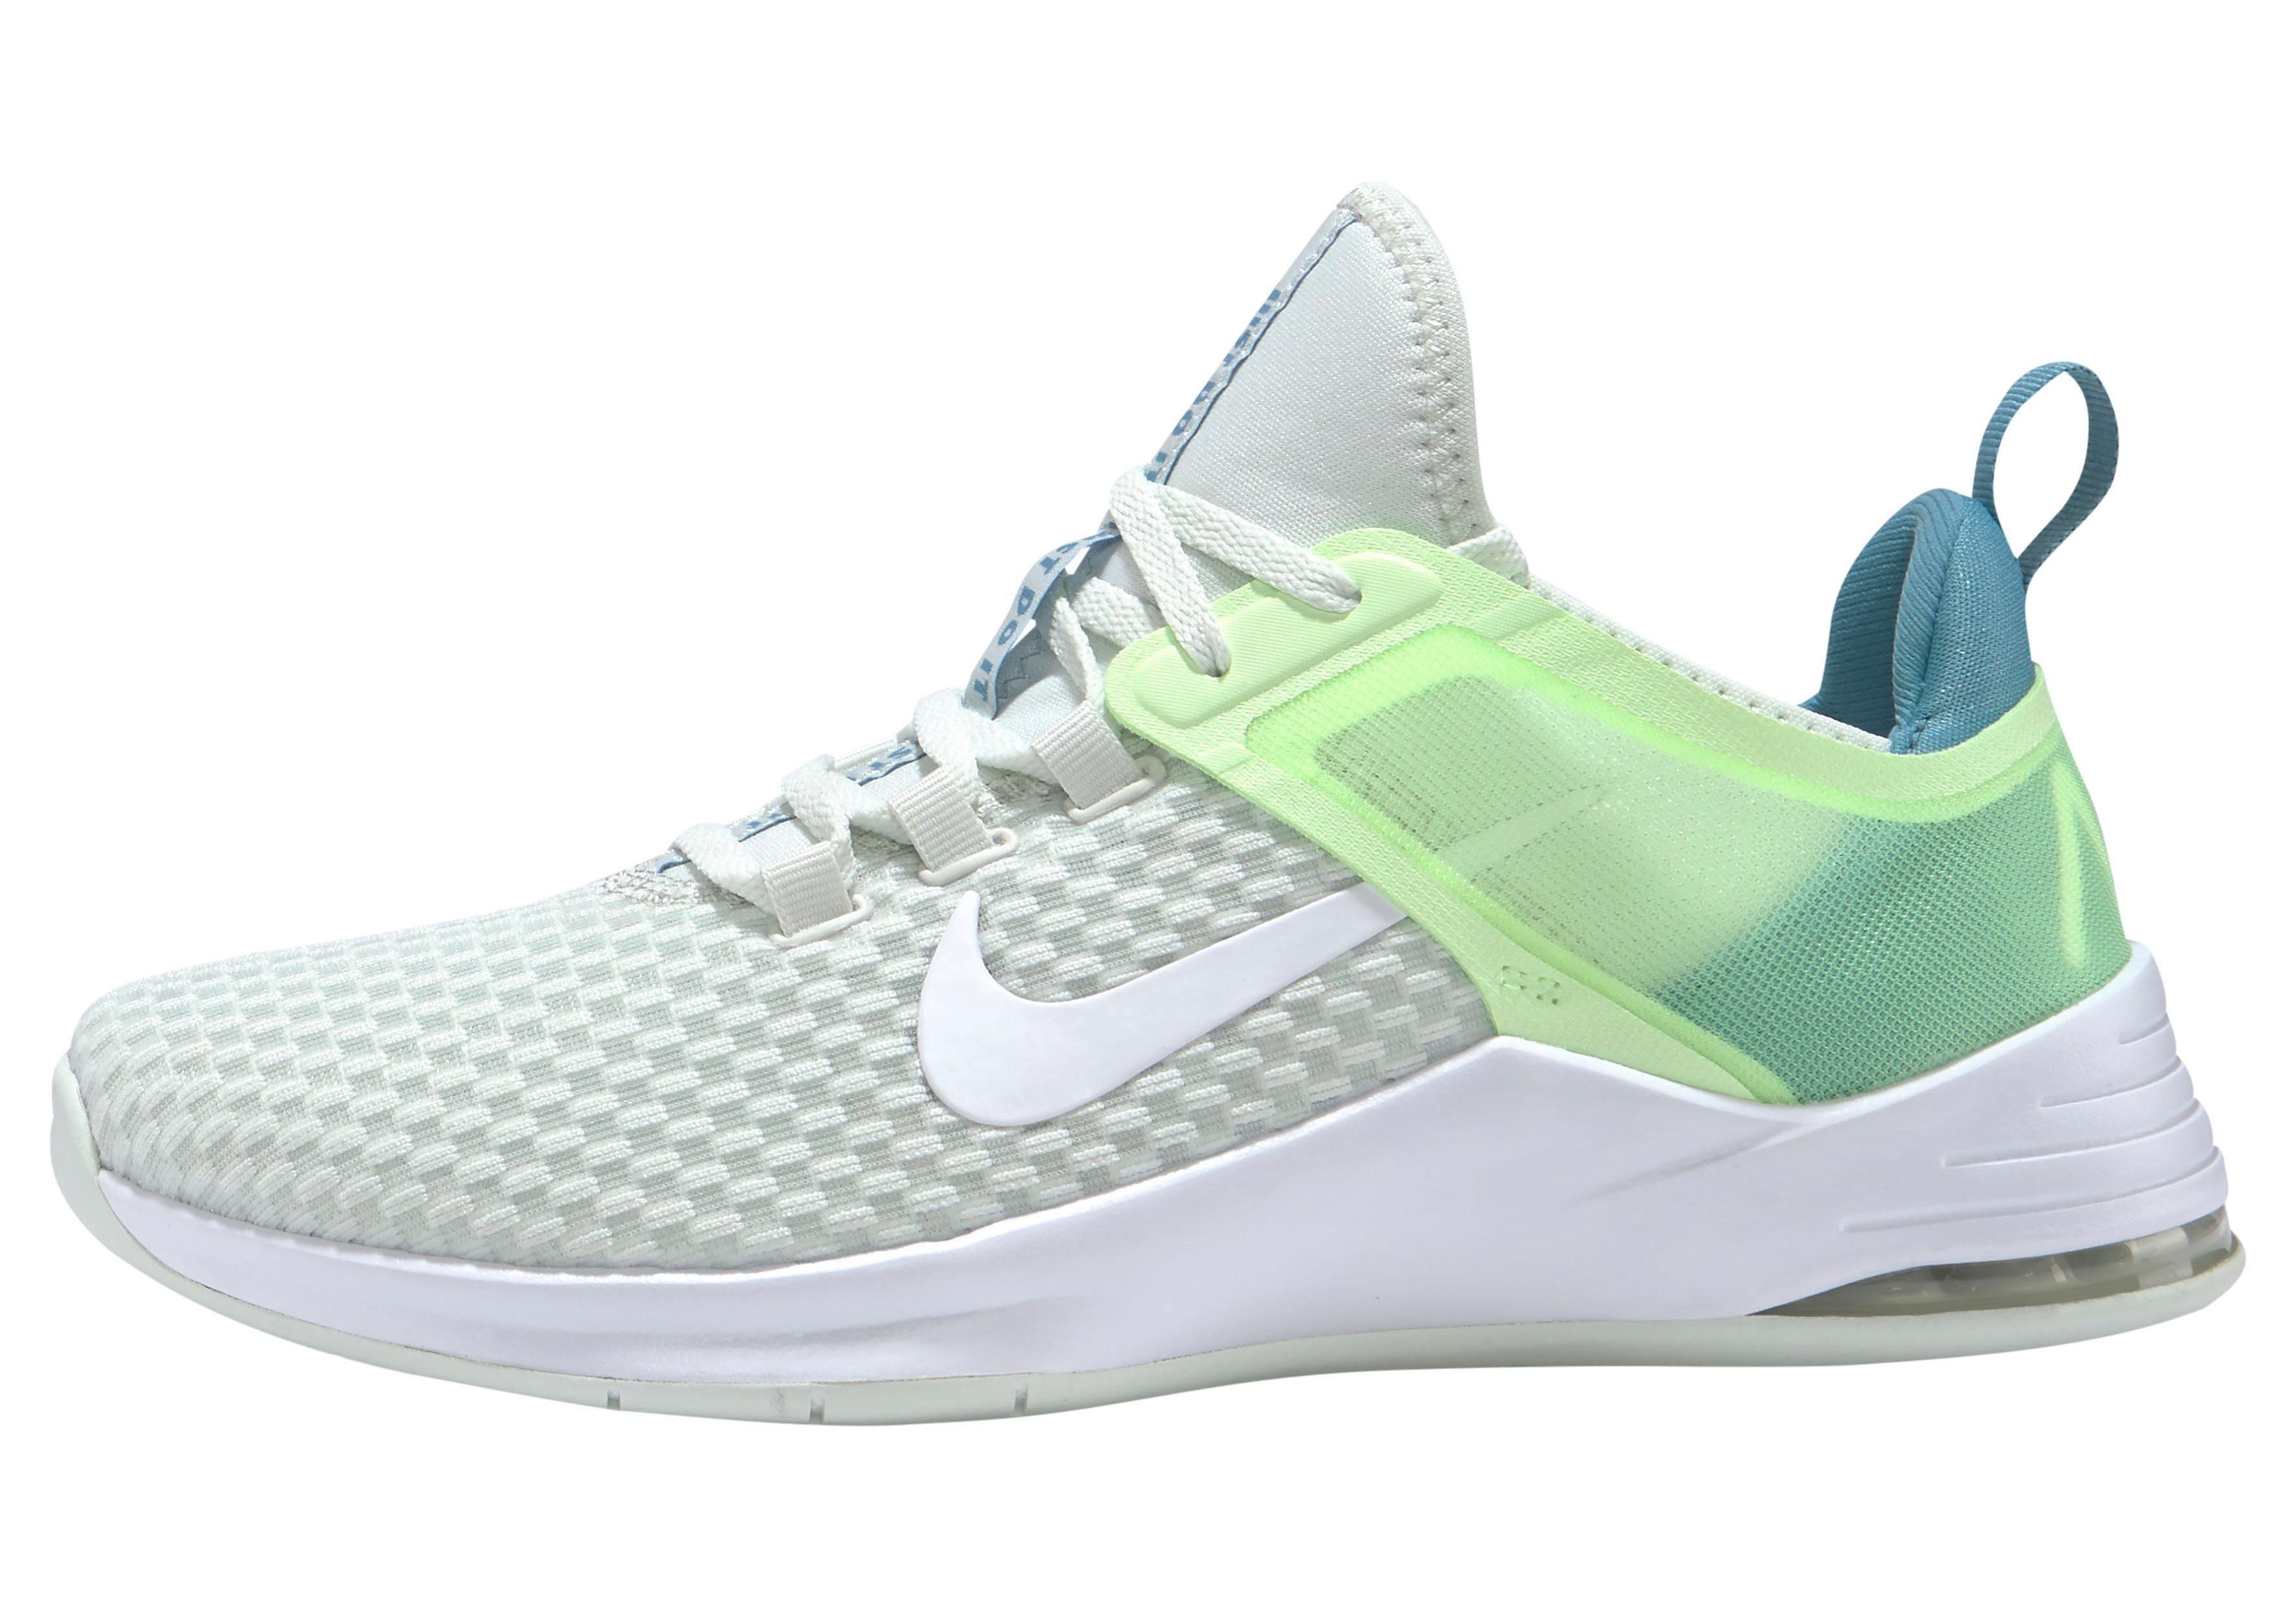 Nike »Air Max Bella Tr 2« Fitnessschuh, Modischer Trainingsschuh von Nike online kaufen | OTTO